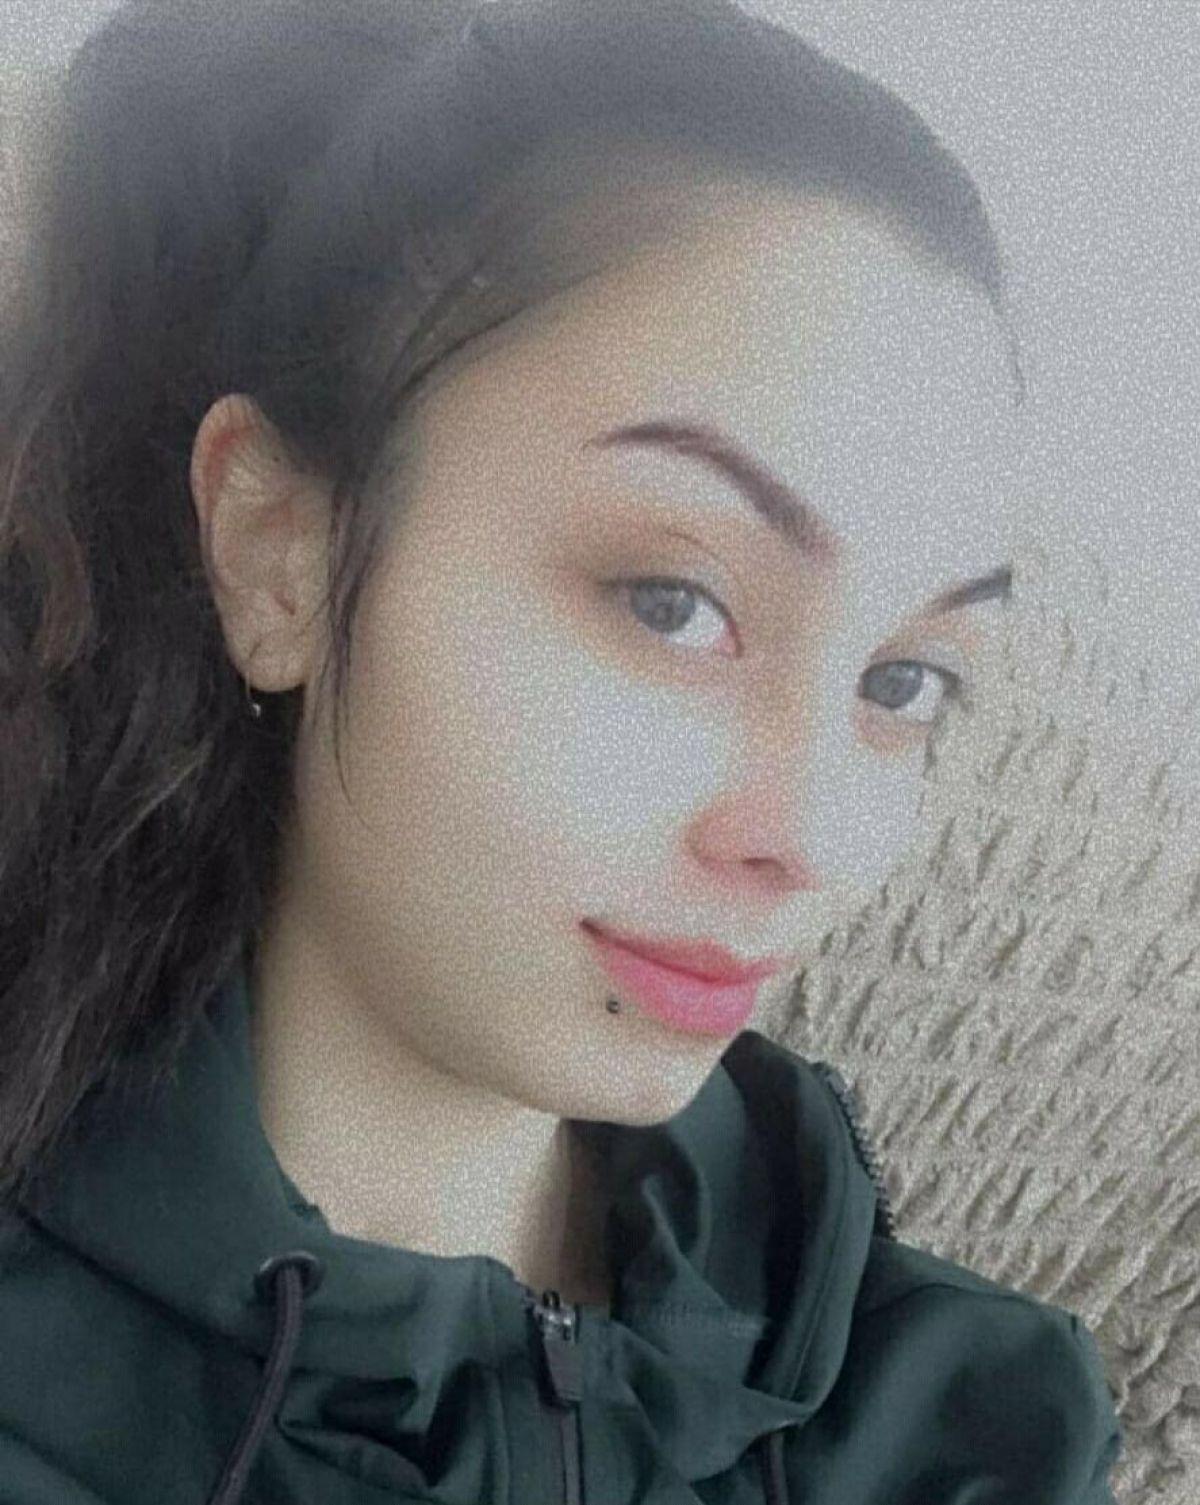 İzmir de öldürülen Sezen Ünlü nün babası: Kızıma tecavüz etti #1